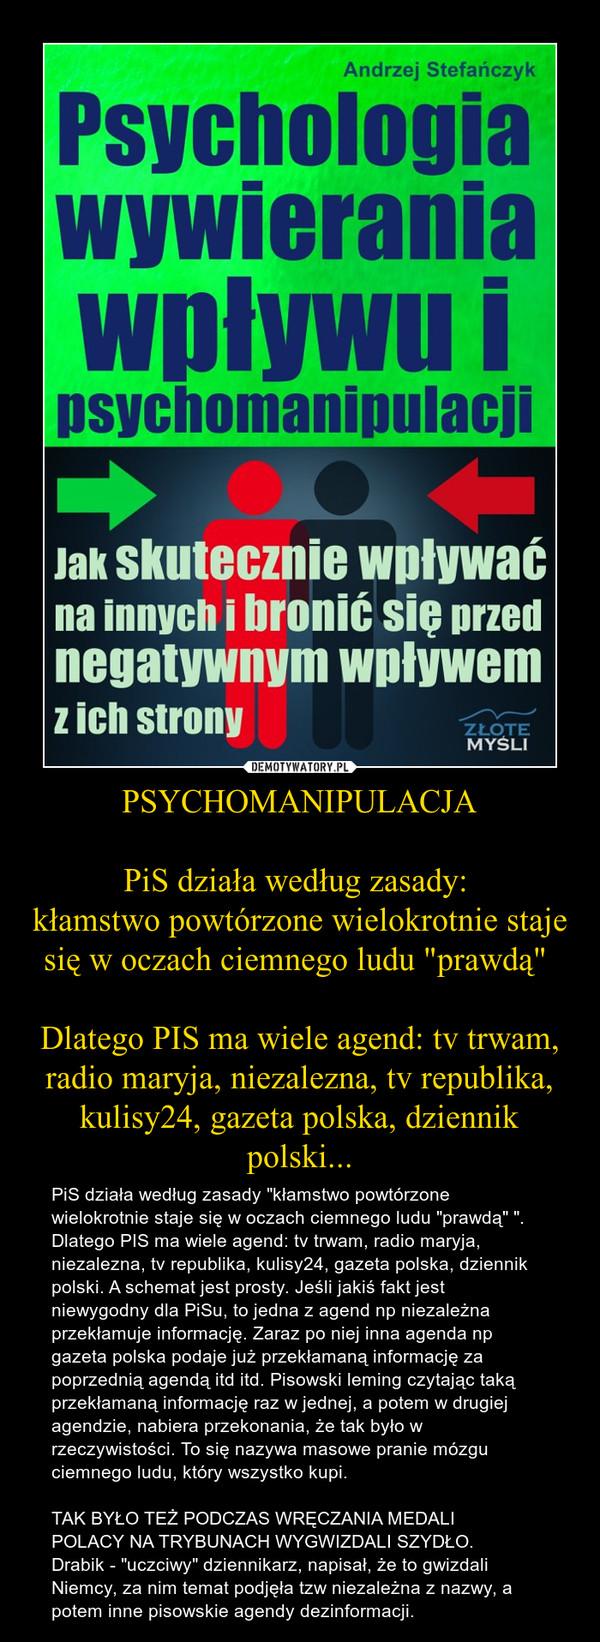 """PSYCHOMANIPULACJAPiS działa według zasady: kłamstwo powtórzone wielokrotnie staje się w oczach ciemnego ludu """"prawdą"""" Dlatego PIS ma wiele agend: tv trwam, radio maryja, niezalezna, tv republika, kulisy24, gazeta polska, dziennik polski... – PiS działa według zasady """"kłamstwo powtórzone wielokrotnie staje się w oczach ciemnego ludu """"prawdą"""" """".Dlatego PIS ma wiele agend: tv trwam, radio maryja, niezalezna, tv republika, kulisy24, gazeta polska, dziennik polski. A schemat jest prosty. Jeśli jakiś fakt jest niewygodny dla PiSu, to jedna z agend np niezależna przekłamuje informację. Zaraz po niej inna agenda np gazeta polska podaje już przekłamaną informację za poprzednią agendą itd itd. Pisowski leming czytając taką przekłamaną informację raz w jednej, a potem w drugiej agendzie, nabiera przekonania, że tak było w rzeczywistości. To się nazywa masowe pranie mózgu ciemnego ludu, który wszystko kupi.TAK BYŁO TEŻ PODCZAS WRĘCZANIA MEDALIPOLACY NA TRYBUNACH WYGWIZDALI SZYDŁO.Drabik - """"uczciwy"""" dziennikarz, napisał, że to gwizdali Niemcy, za nim temat podjęła tzw niezależna z nazwy, a potem inne pisowskie agendy dezinformacji."""